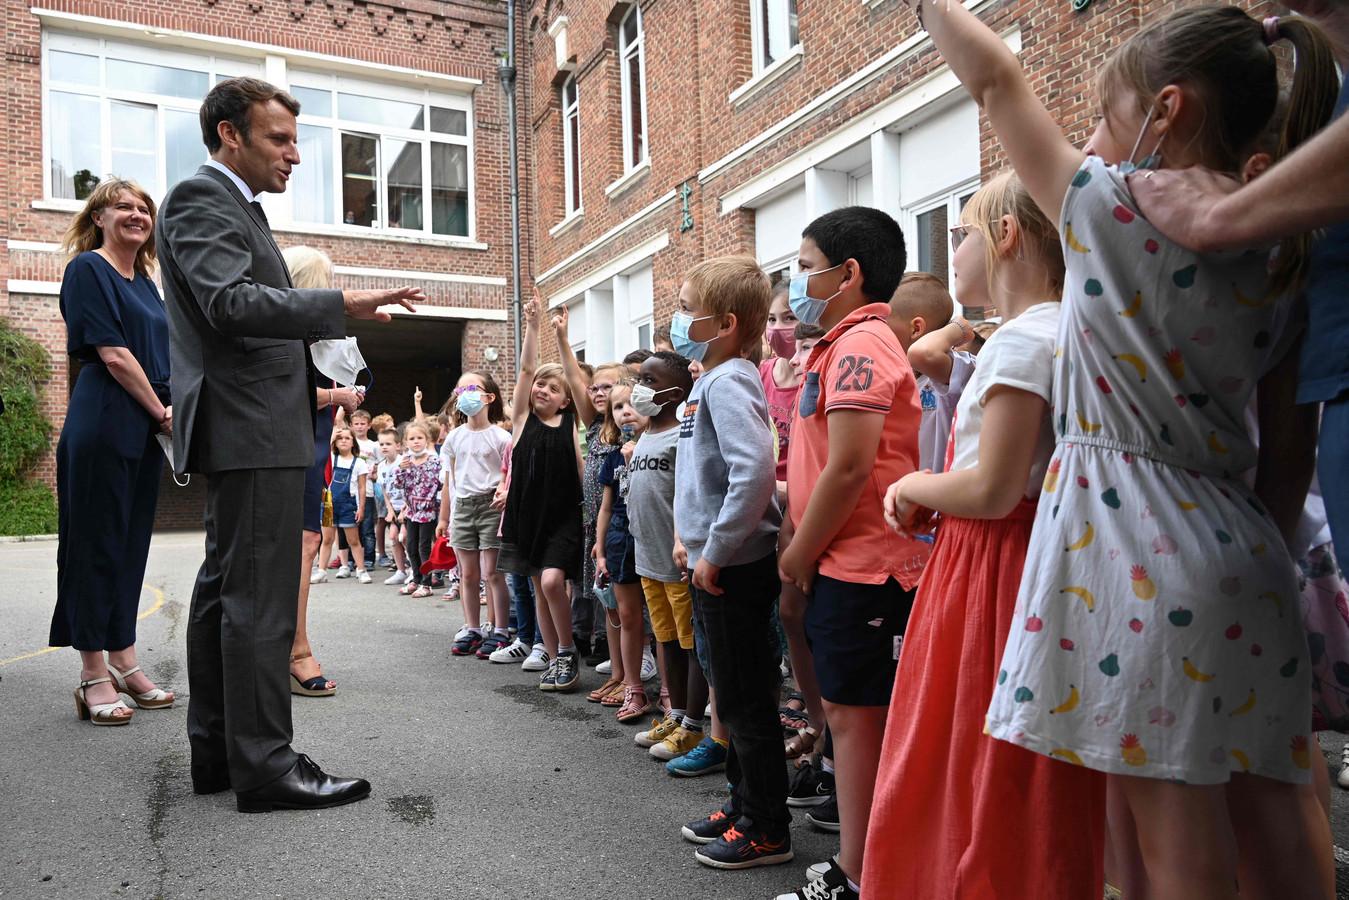 Le président français Emmanuel Macron s'adresse à des élèves d'une école primaire à Poix-de-Picardie, le 17 juin 2021, à l'issue d'une visite d'une journée dans le nord de la France consacrée à l'Éducation, la lecture et la langue, troisième étape de la tournée nationale du président en vue de l'élection présidentielle de l'an prochain.